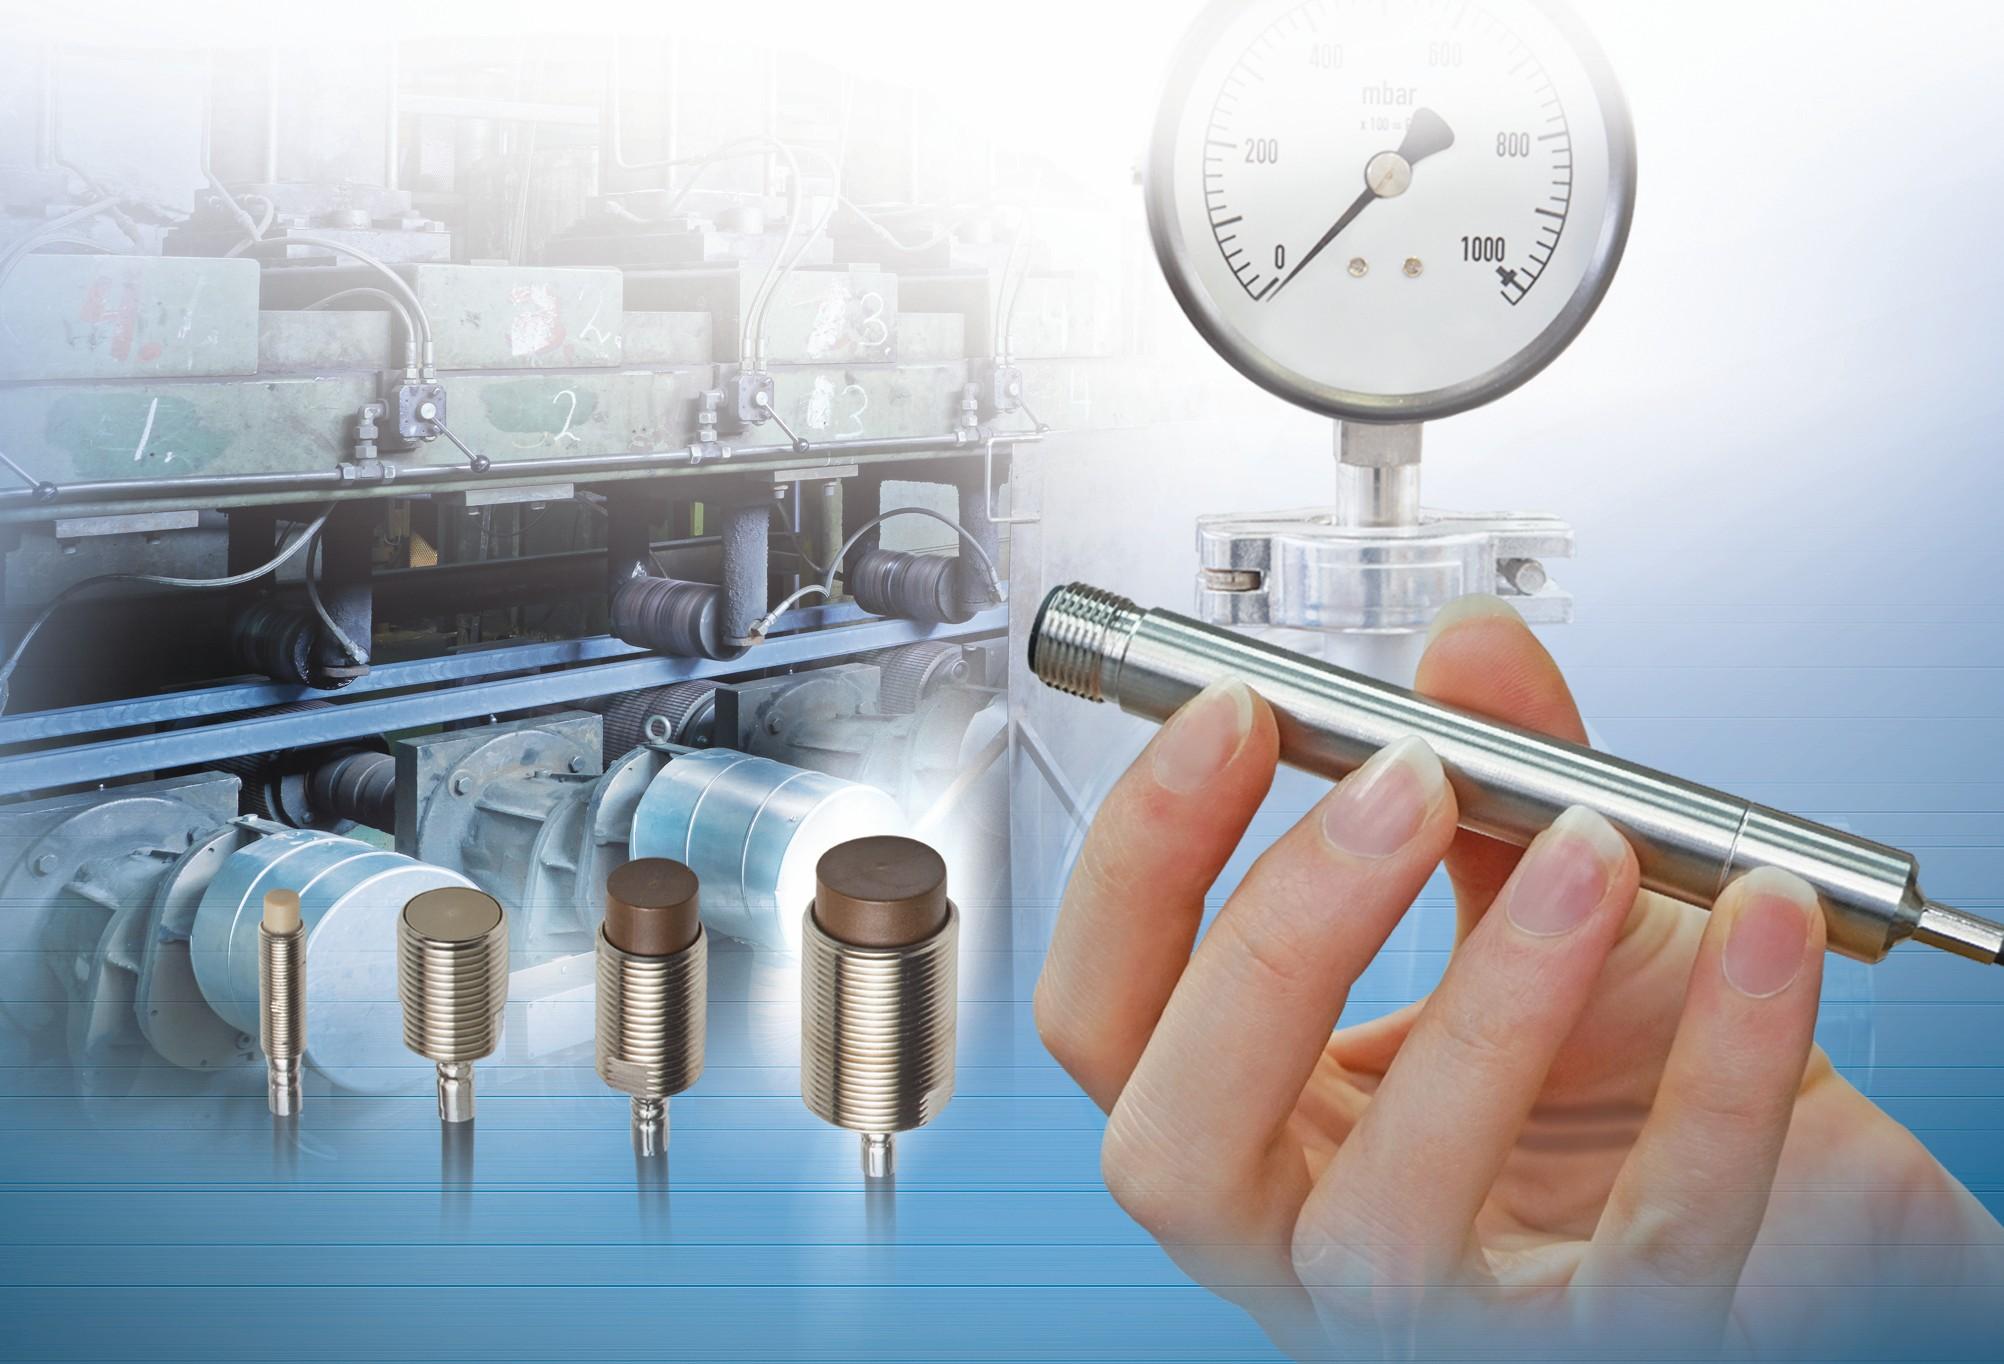 Bild 6: Die induktiven Wegsensoren, die auf dem Wirbelstromprinzip beruhen, sind unempfindlich gegenüber äußeren Einflüssen und lassen sich auch in rauer Industrieumgebung einsetzen. Bild: Micro-Epsilon